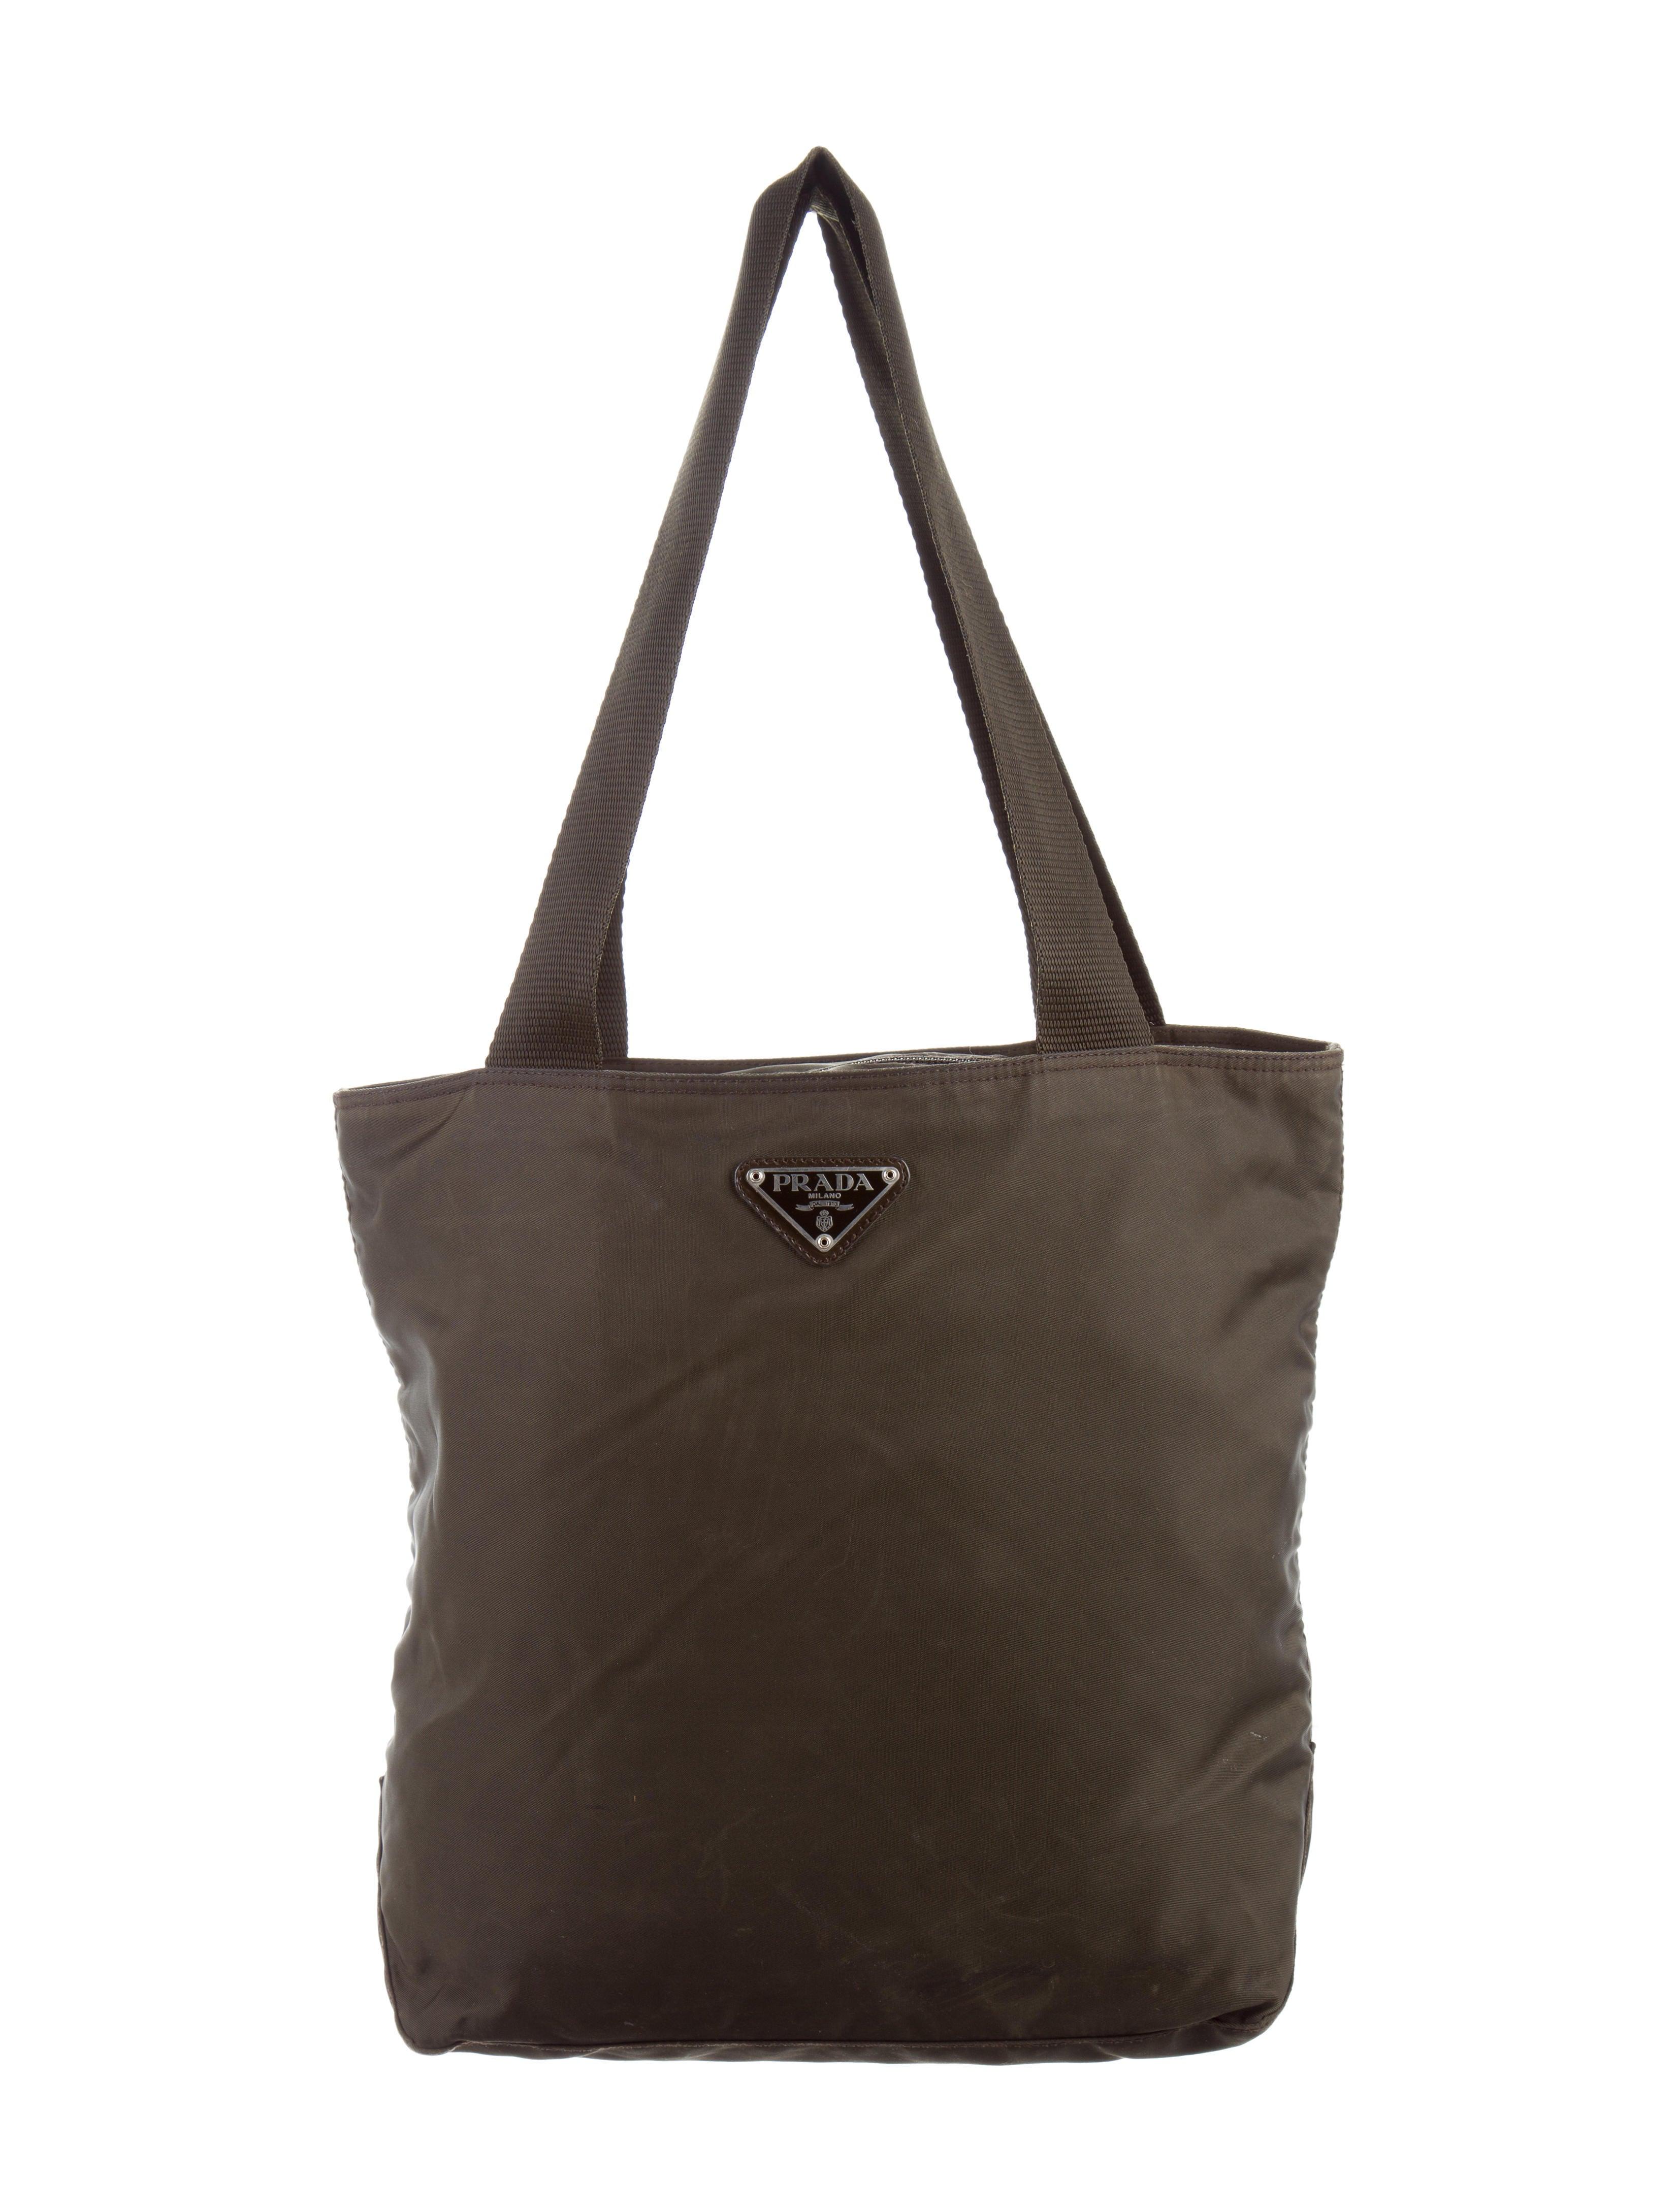 prada tessuto tote bag handbags pra147551 the realreal